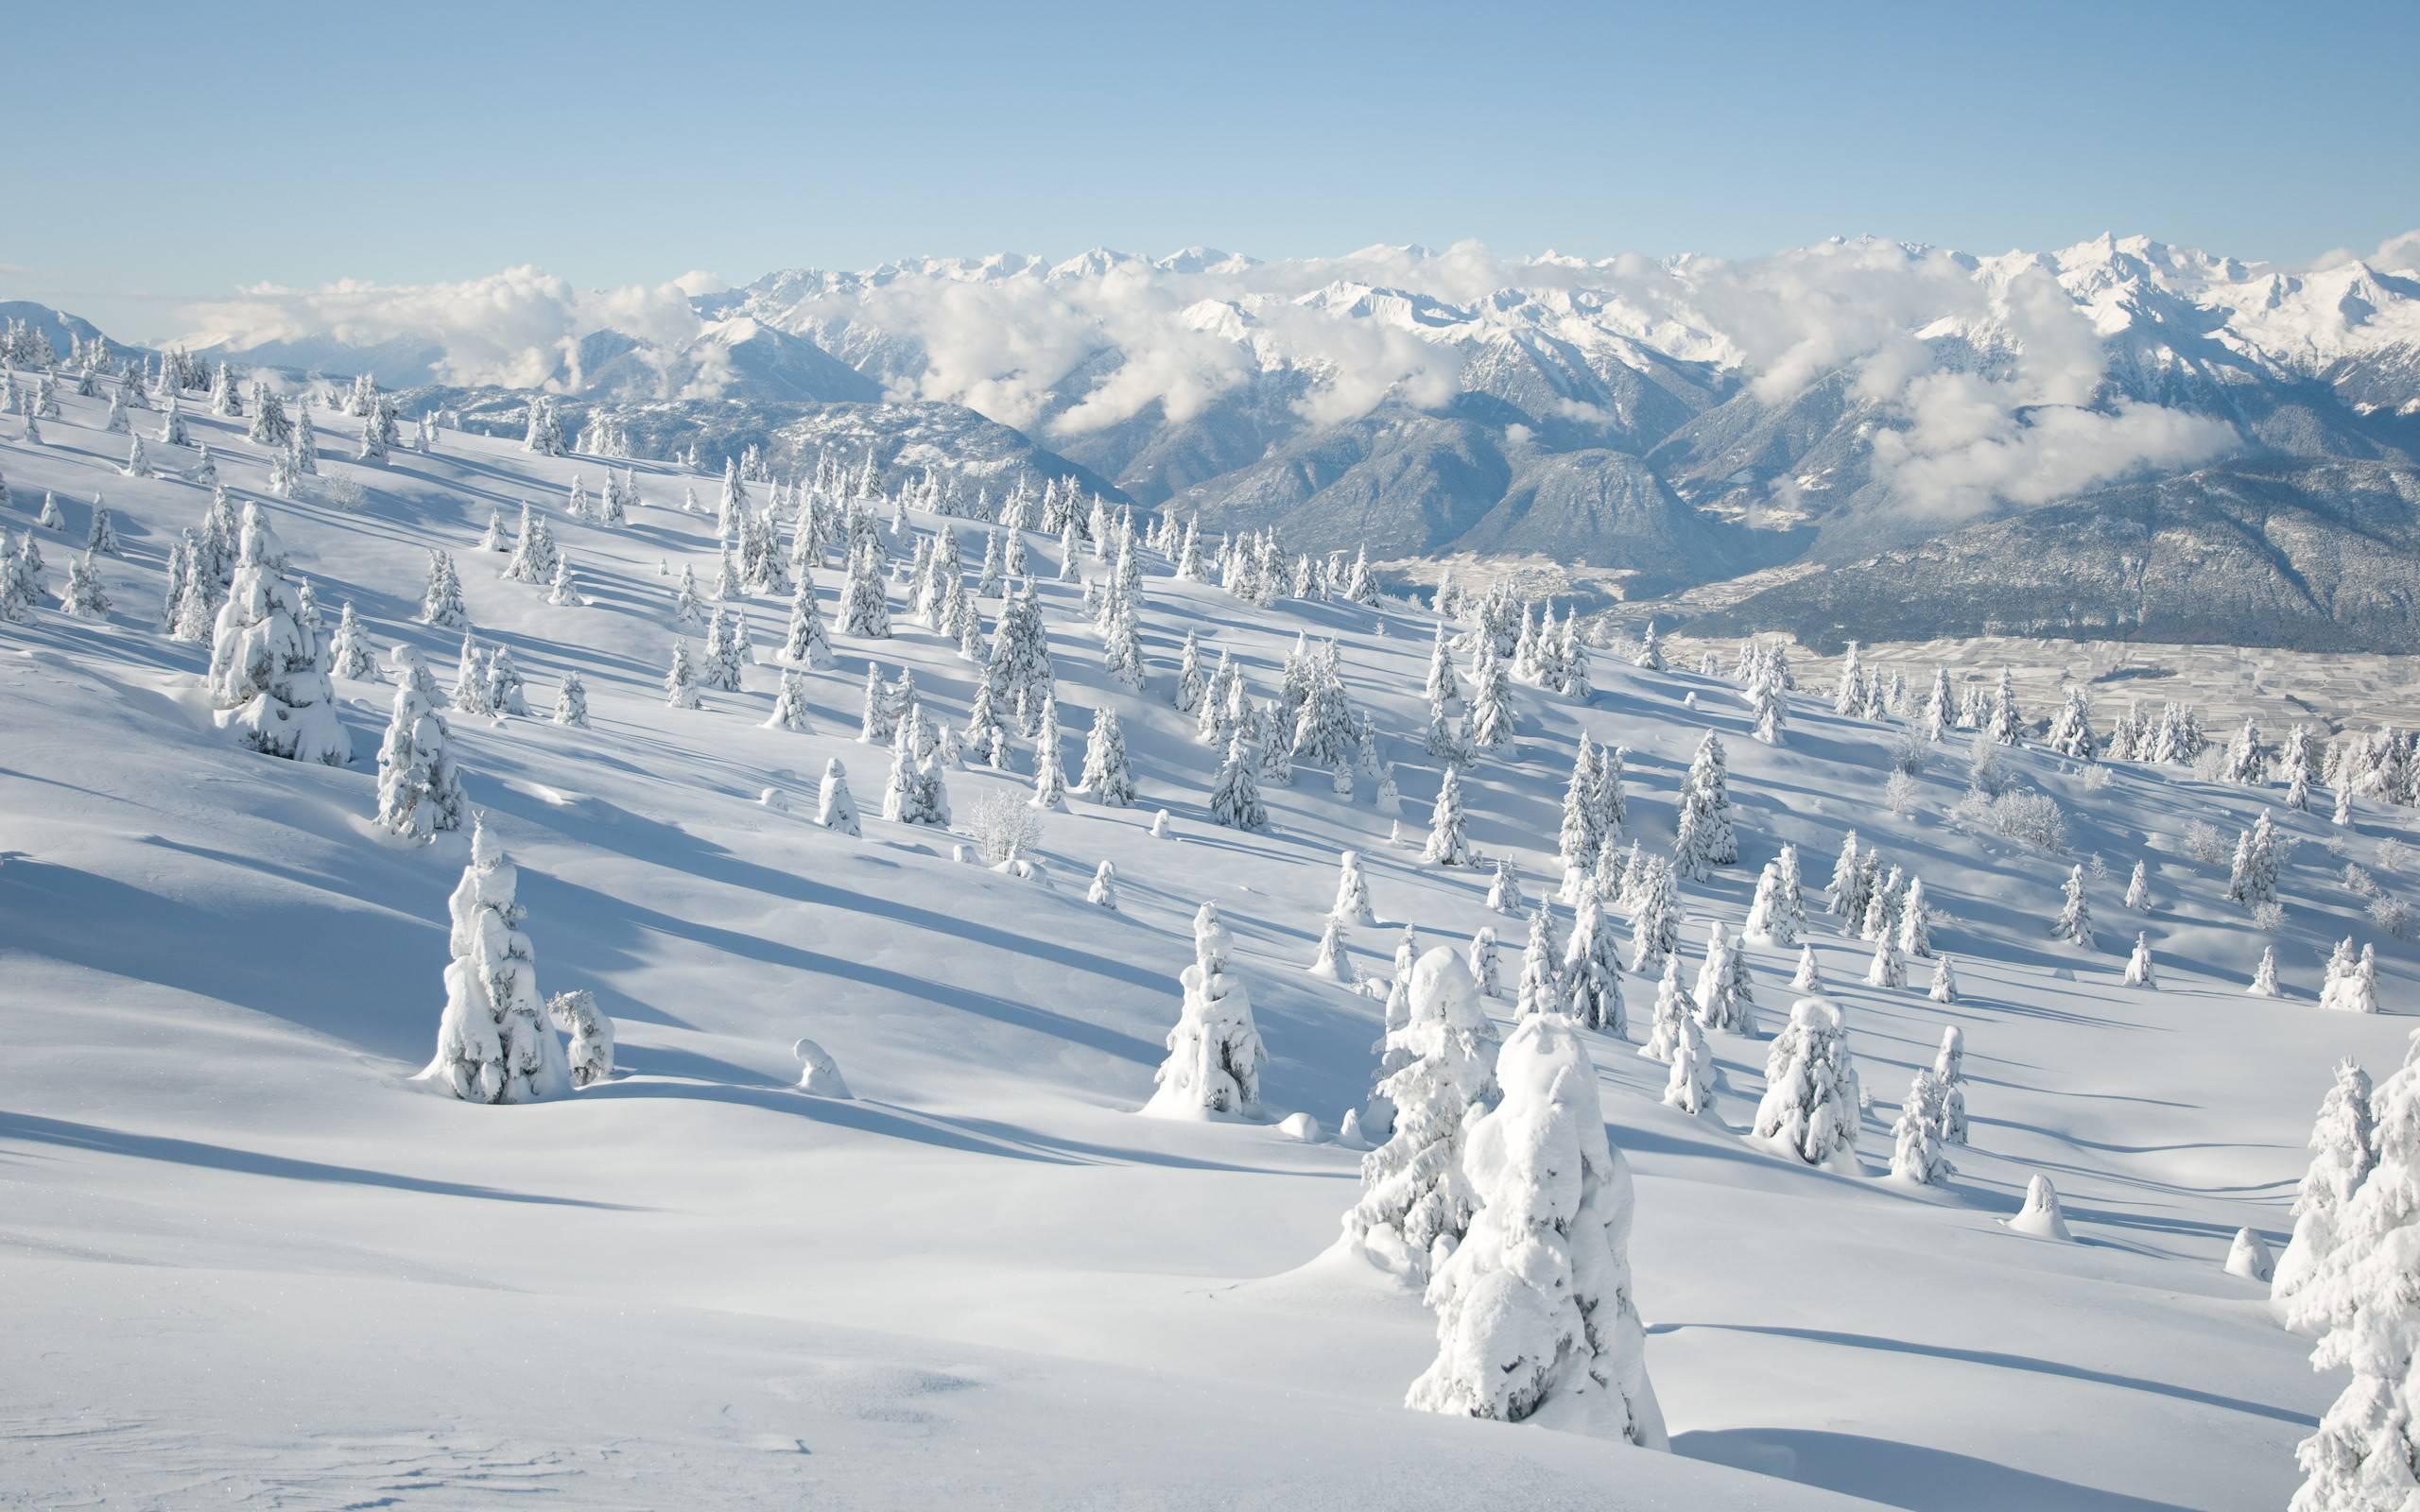 snow landscape backgrounds - photo #32